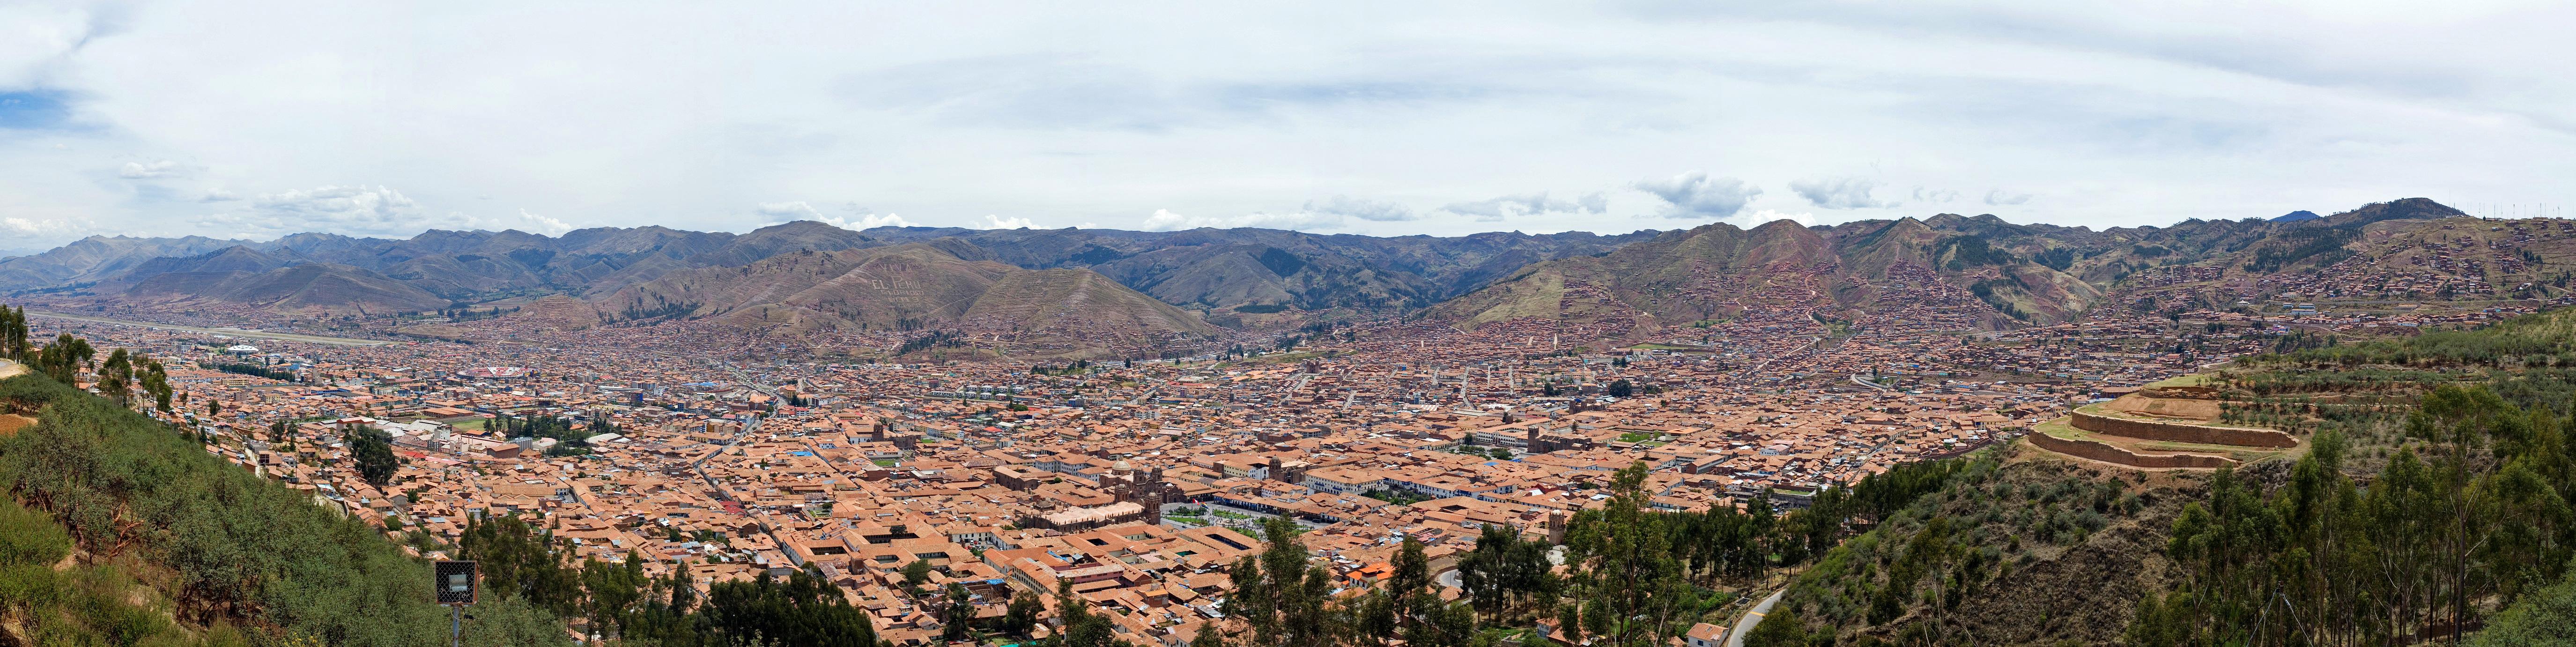 Ciudades y paisajes panorámicos - excelentes imágenes